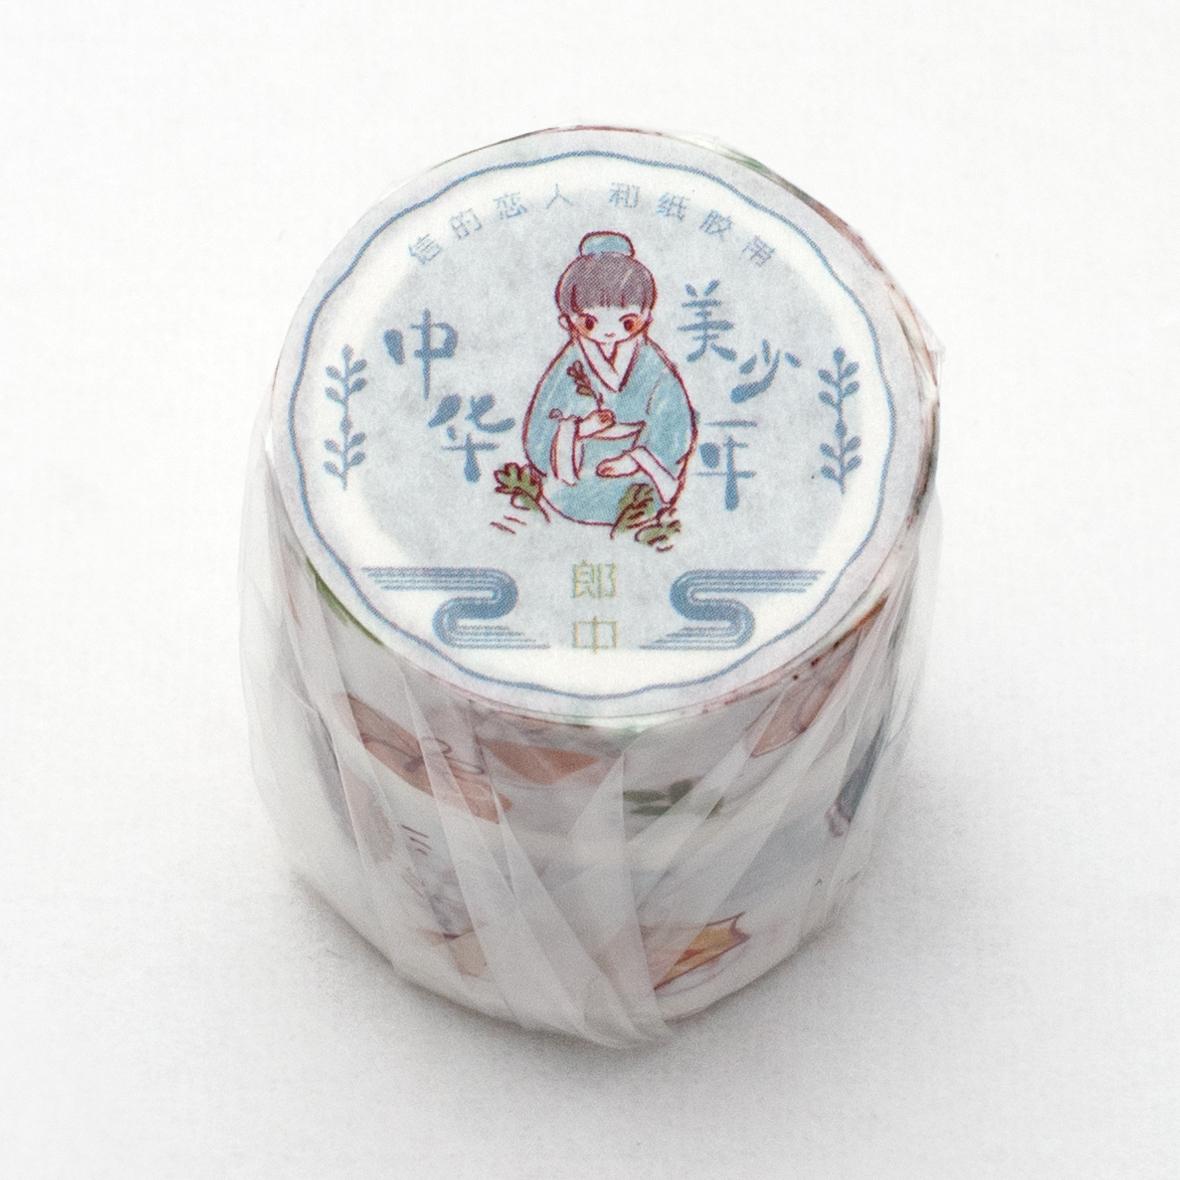 「中華美少年-郎中(中医師)」中国輸入マスキングテープ 2本セット